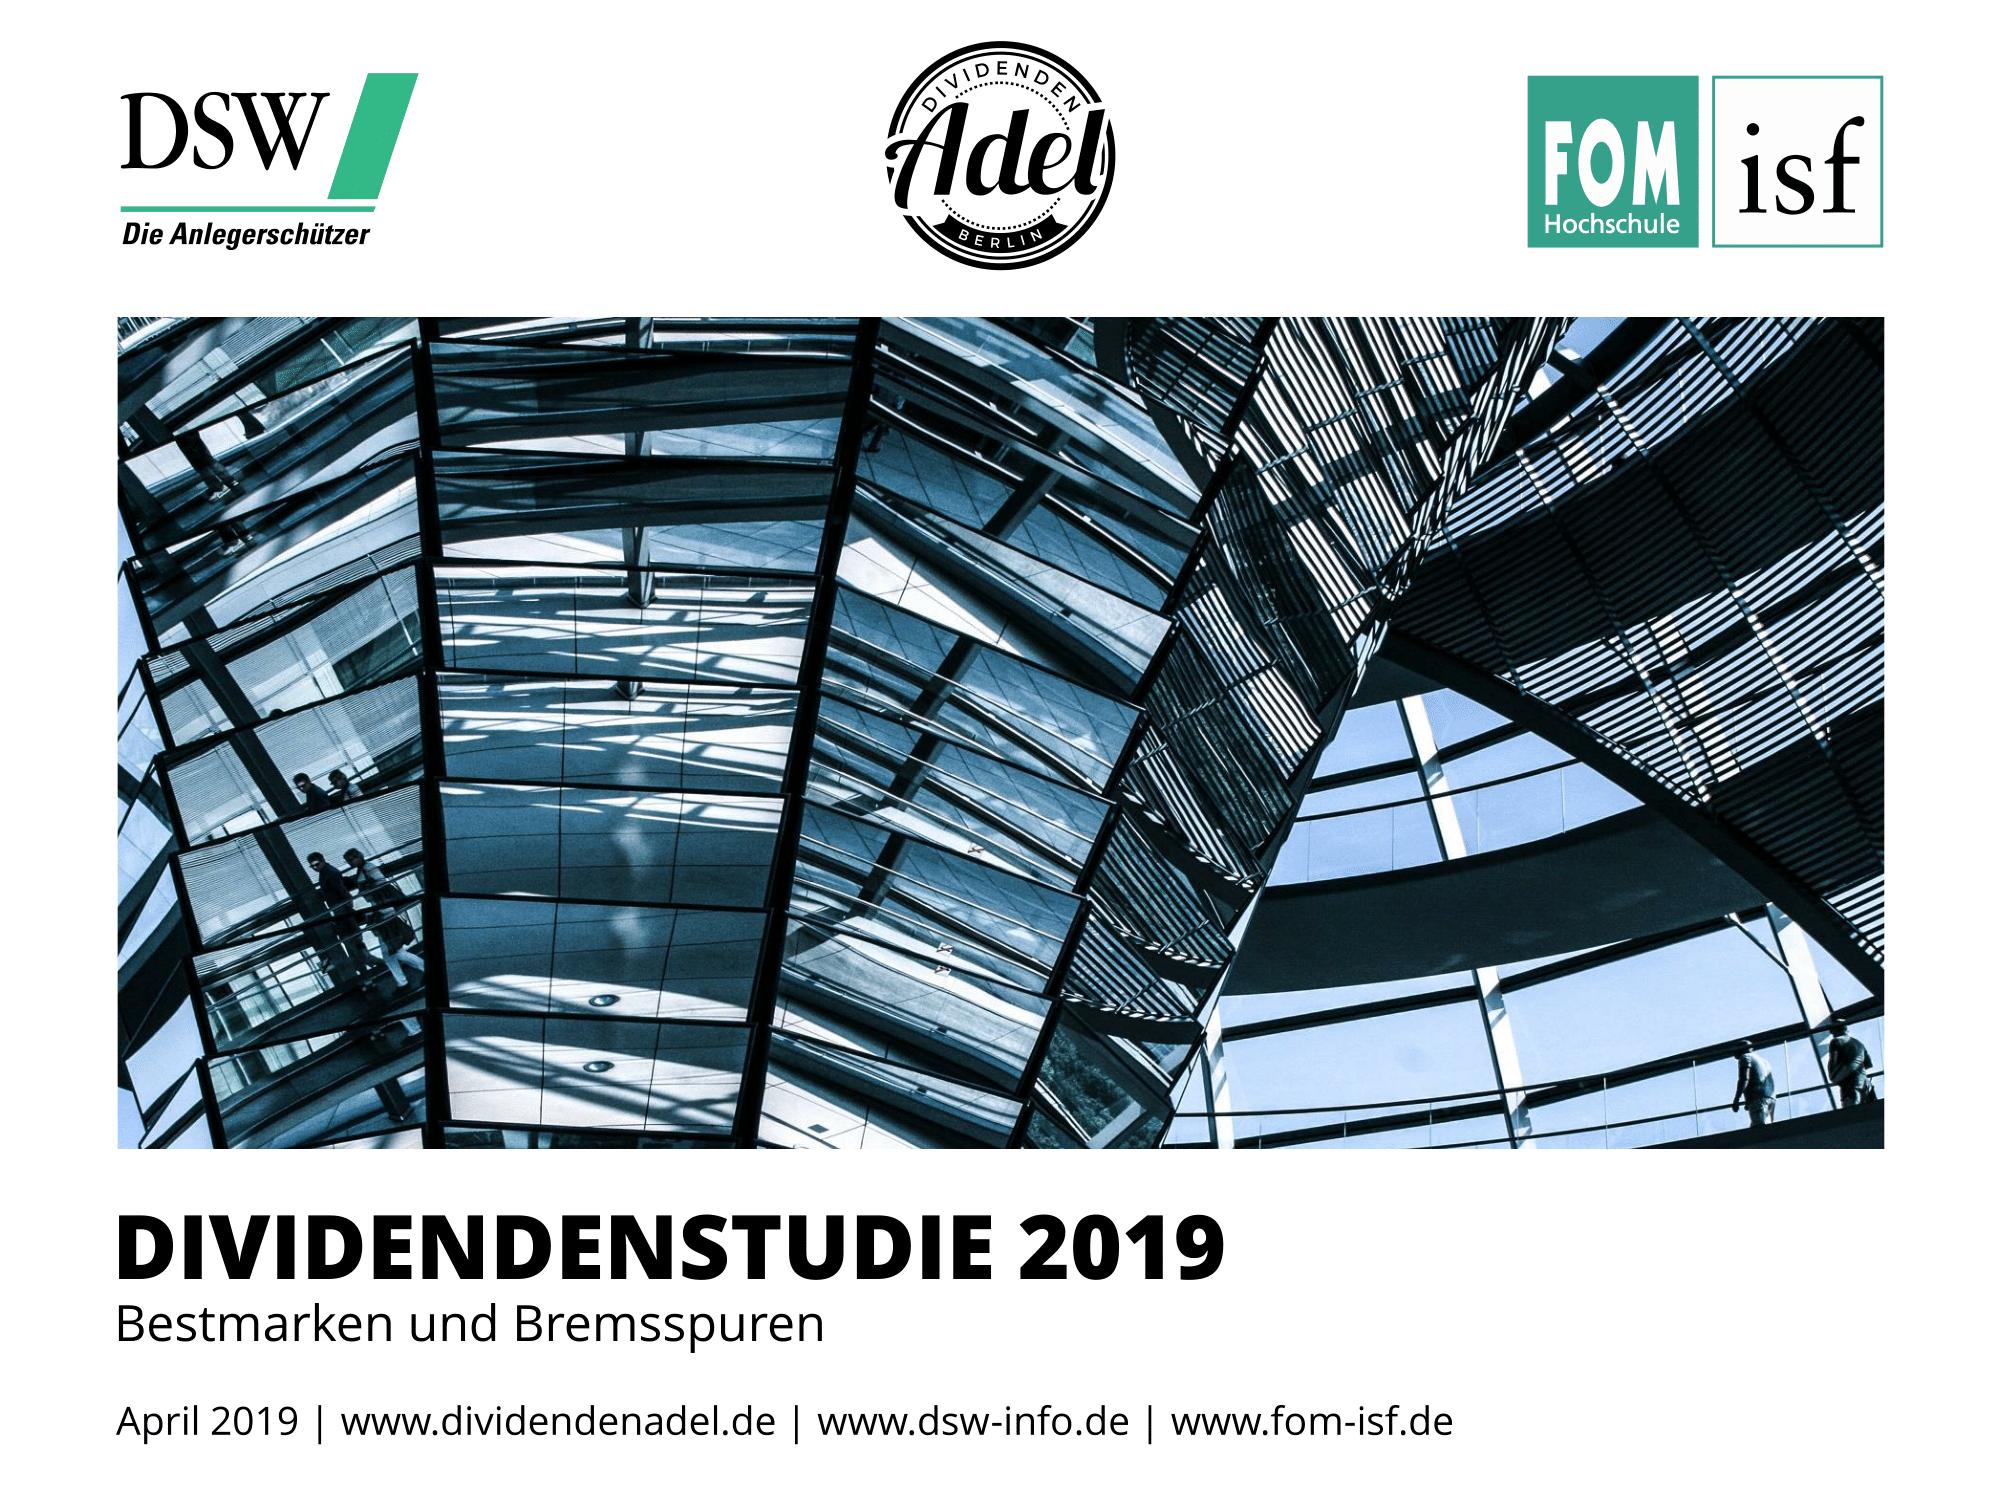 Dividendenstudie 2019 Titel